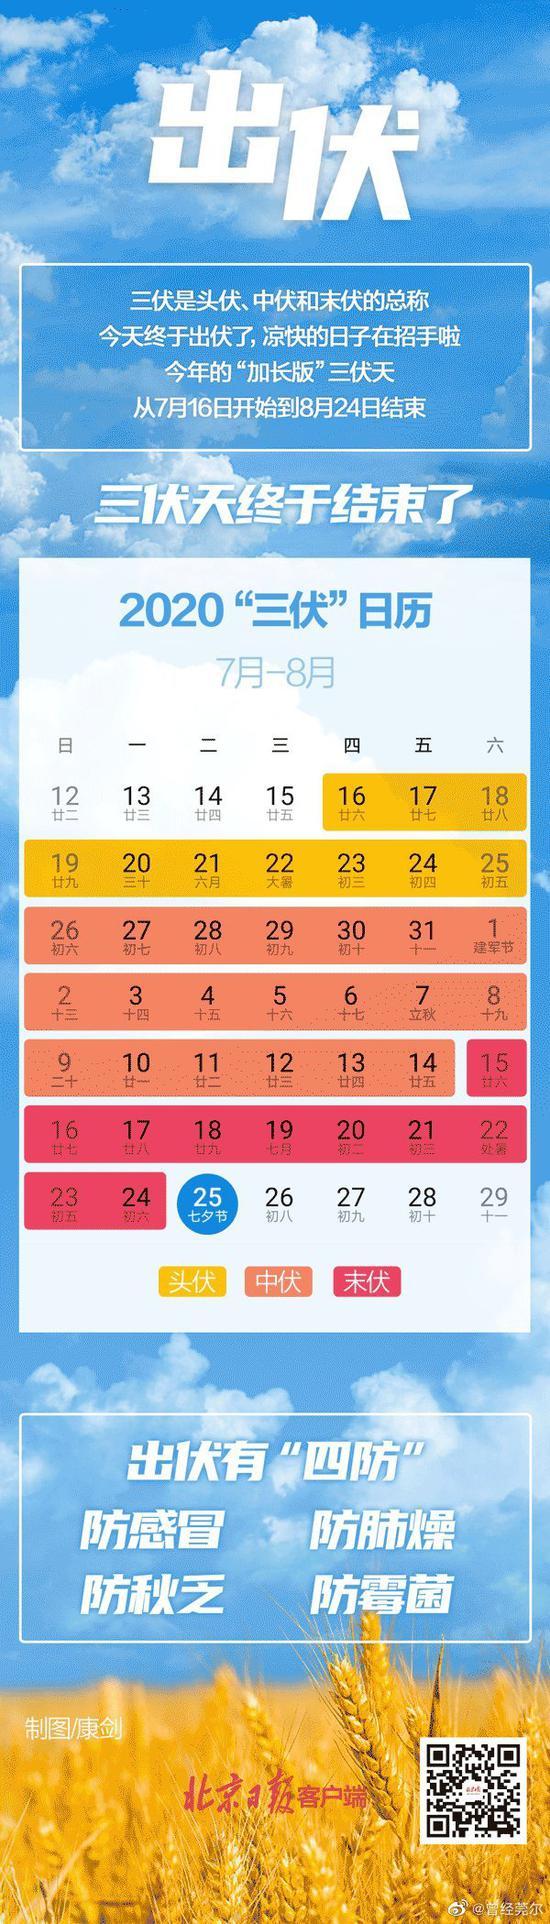 """七夕佳节正出伏 出伏后如何对付""""秋燥""""""""秋乏"""